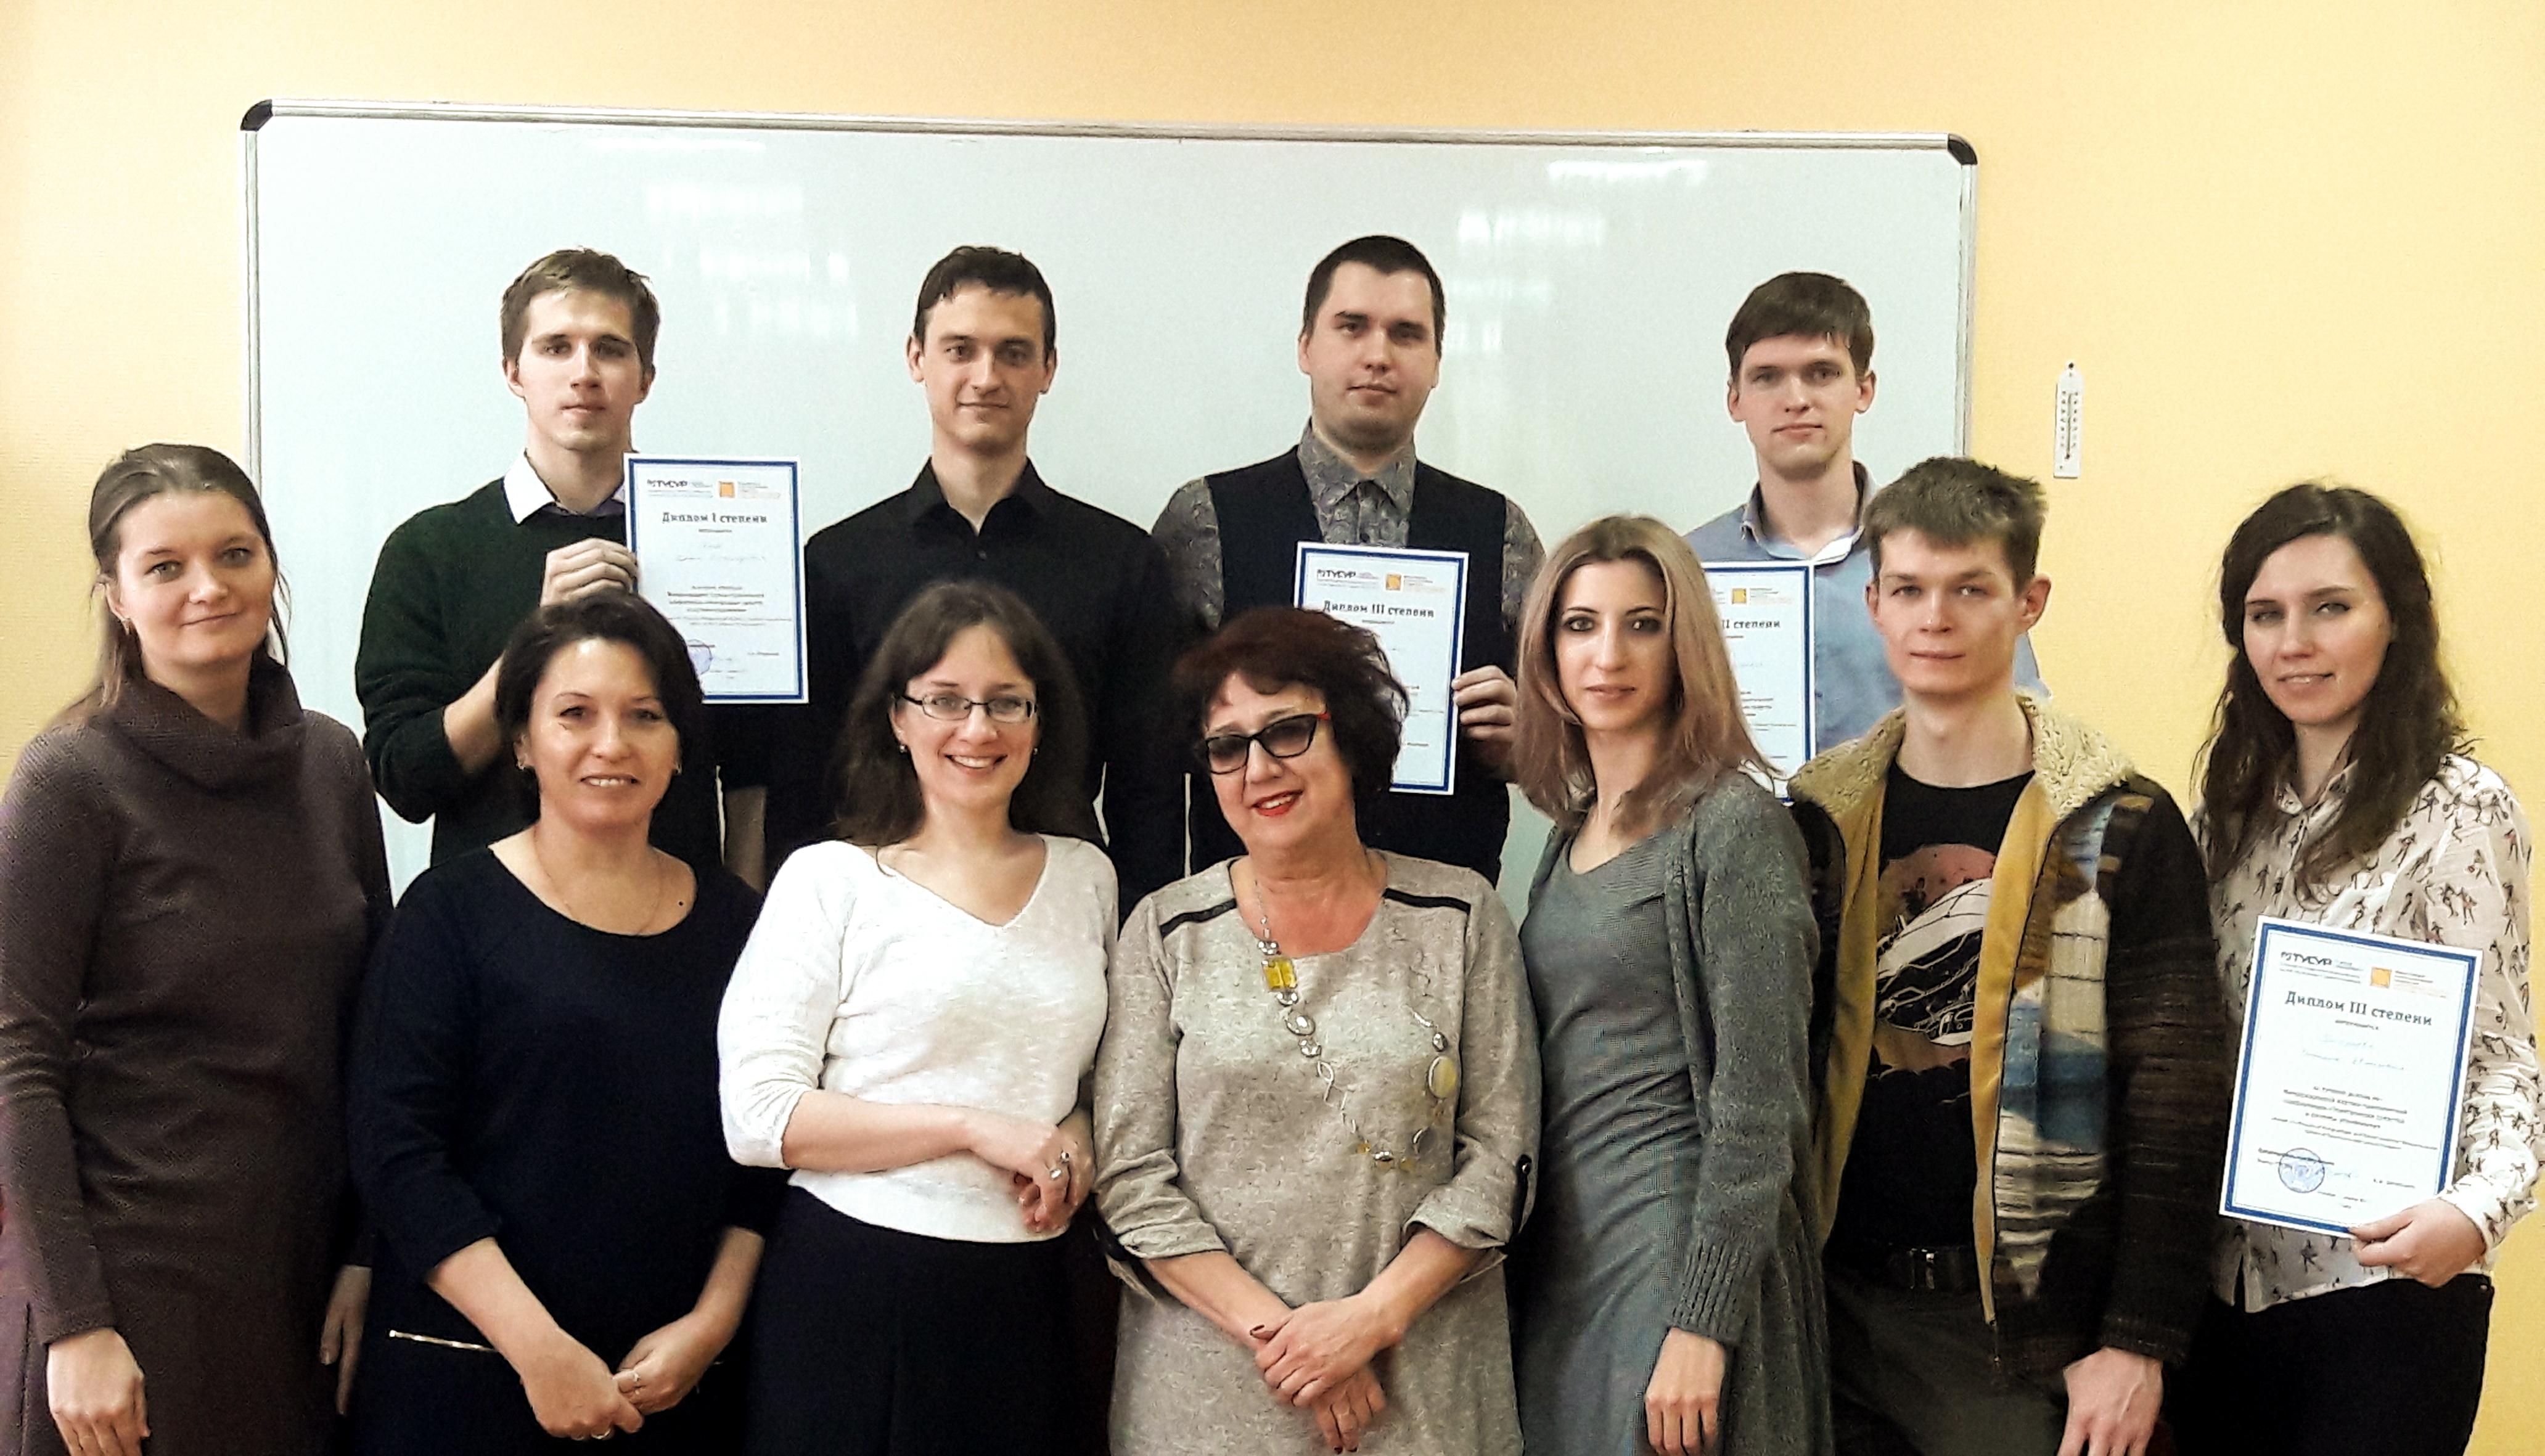 Врамках конференции «ЭССУ» состоялась работа секции докладов наанглийском языке